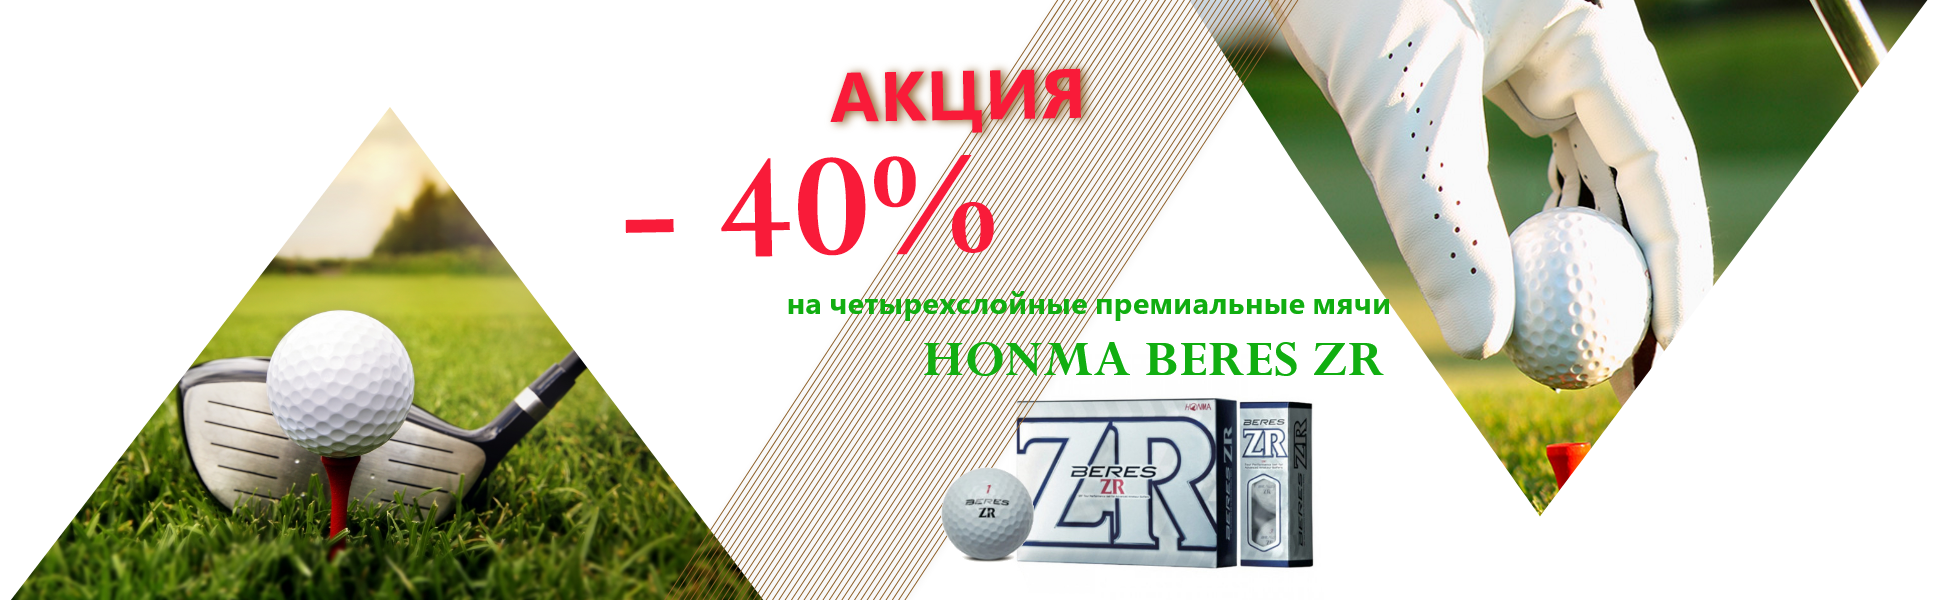 Cкидка 40% на четырехслойные премиальные мячи HONMA BERES ZR